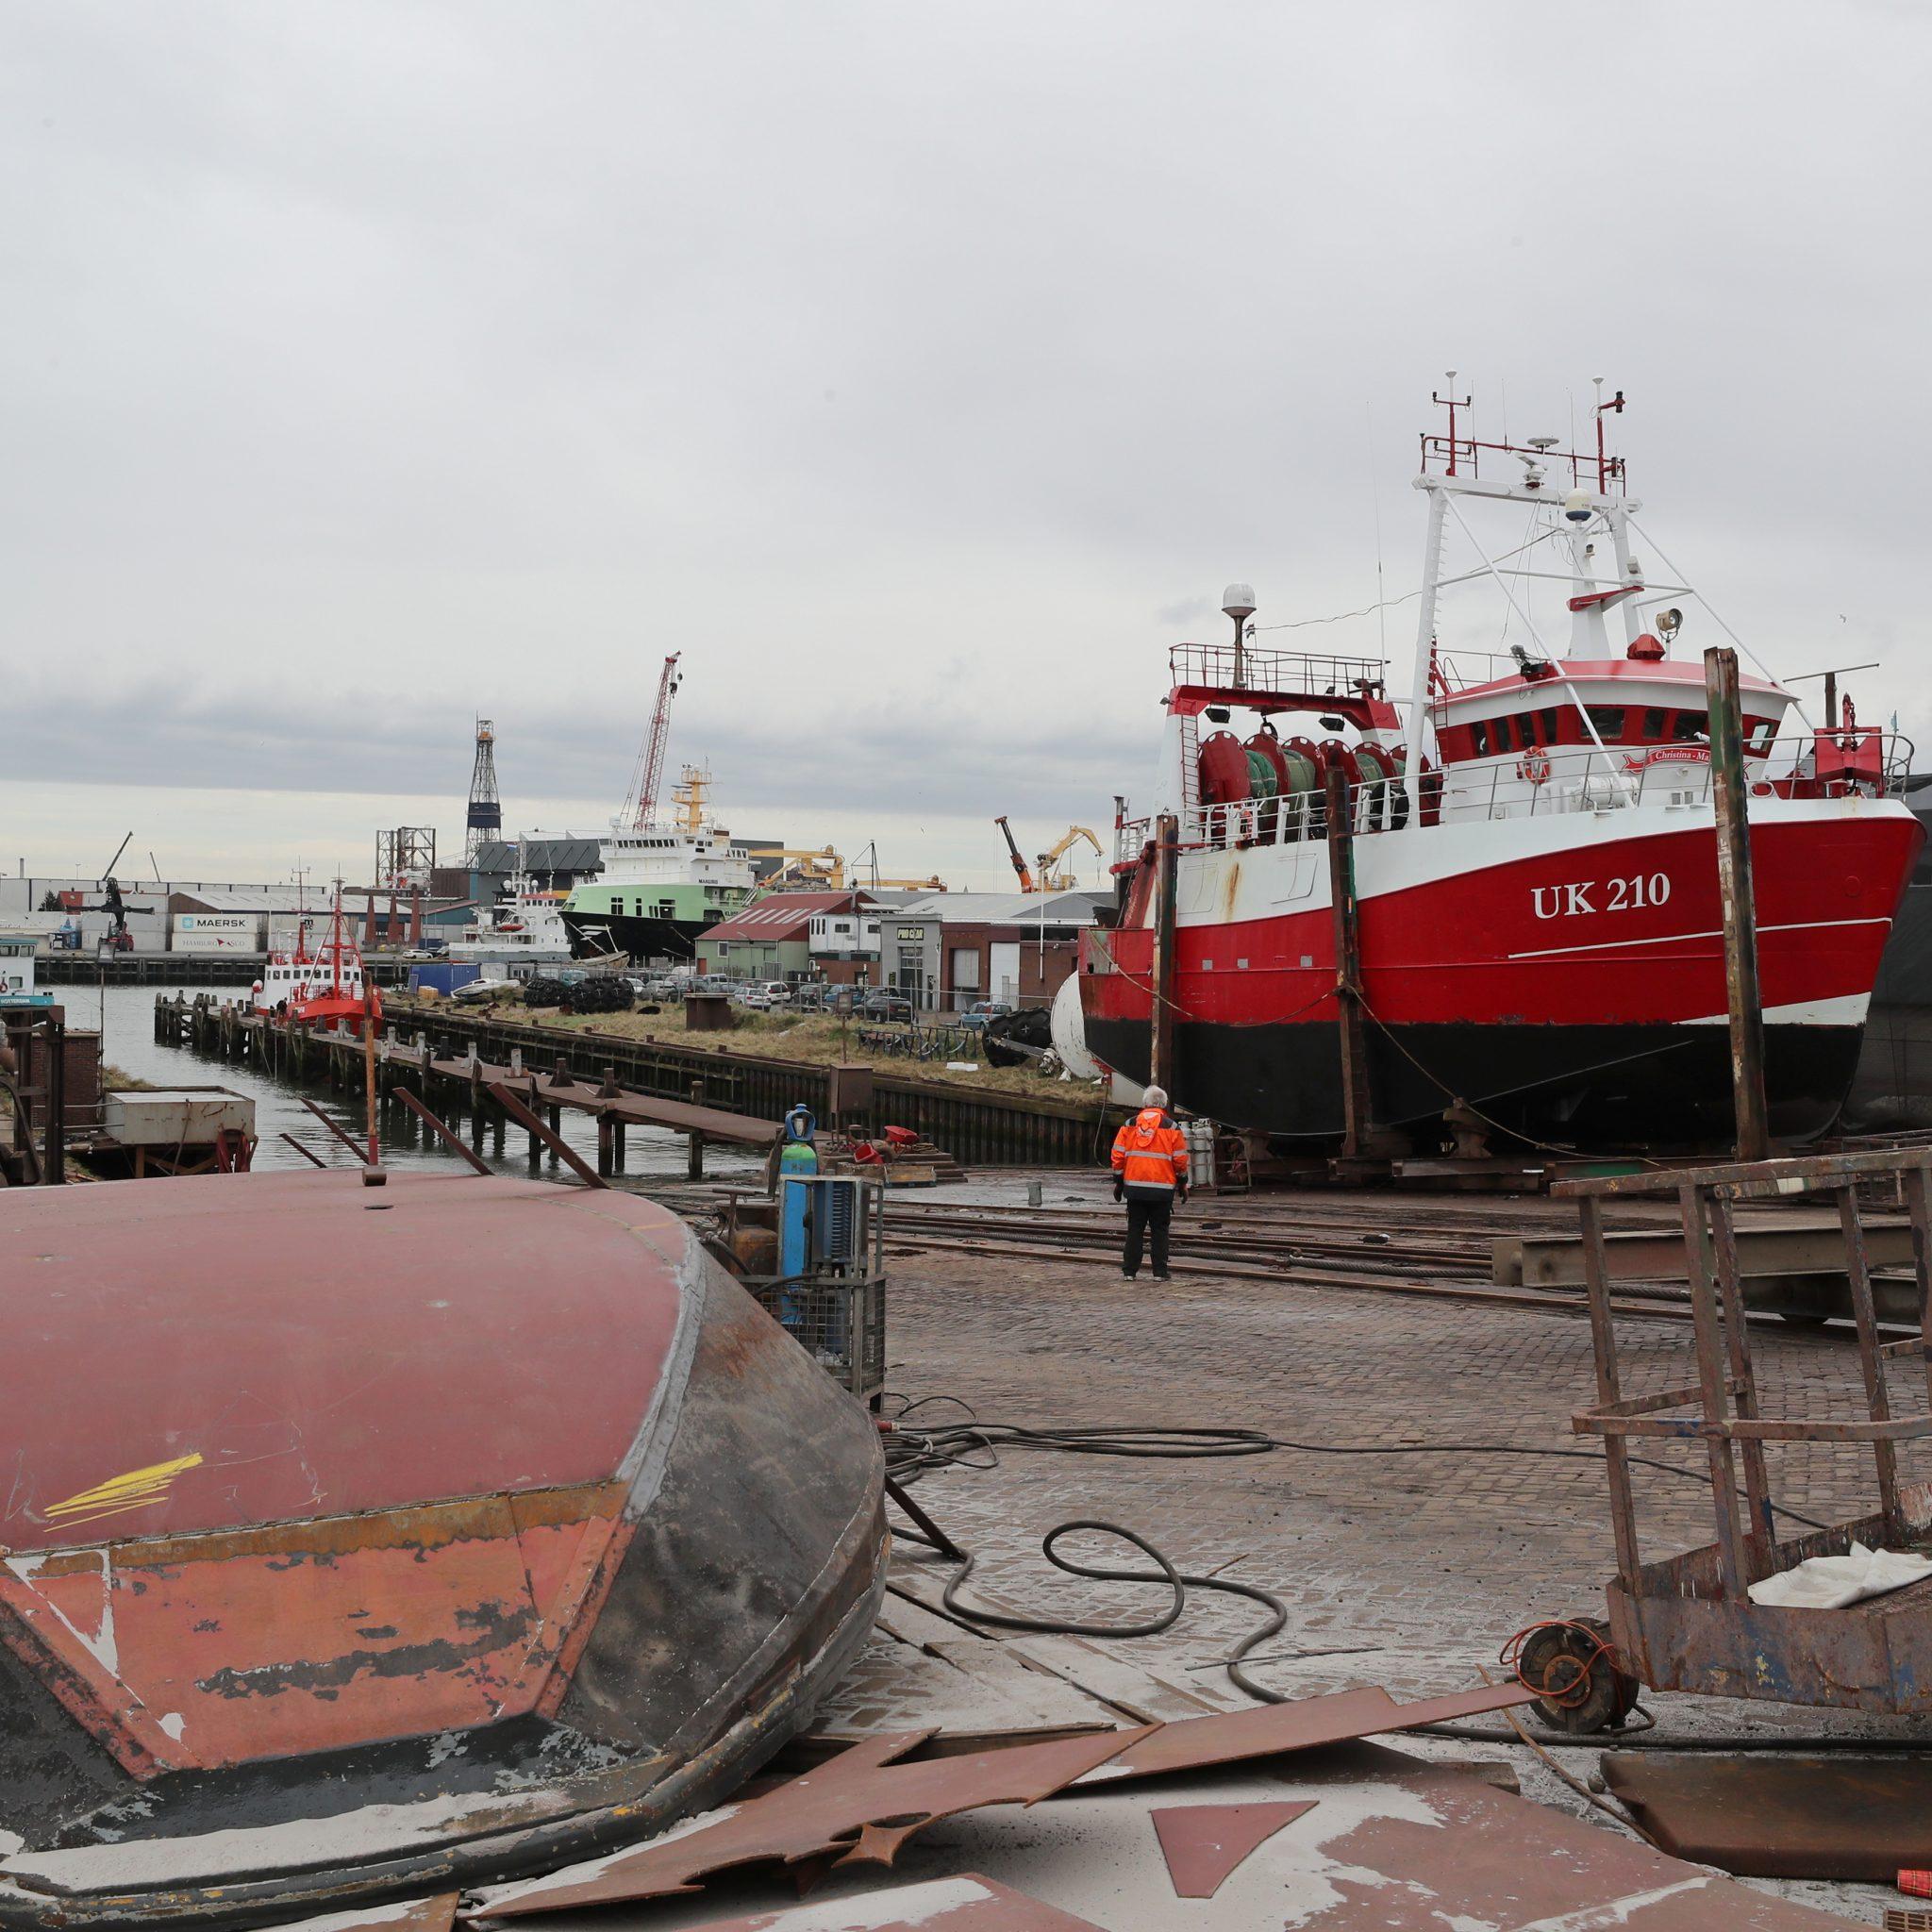 De UK-210 voor knippen en scheren in IJmuiden